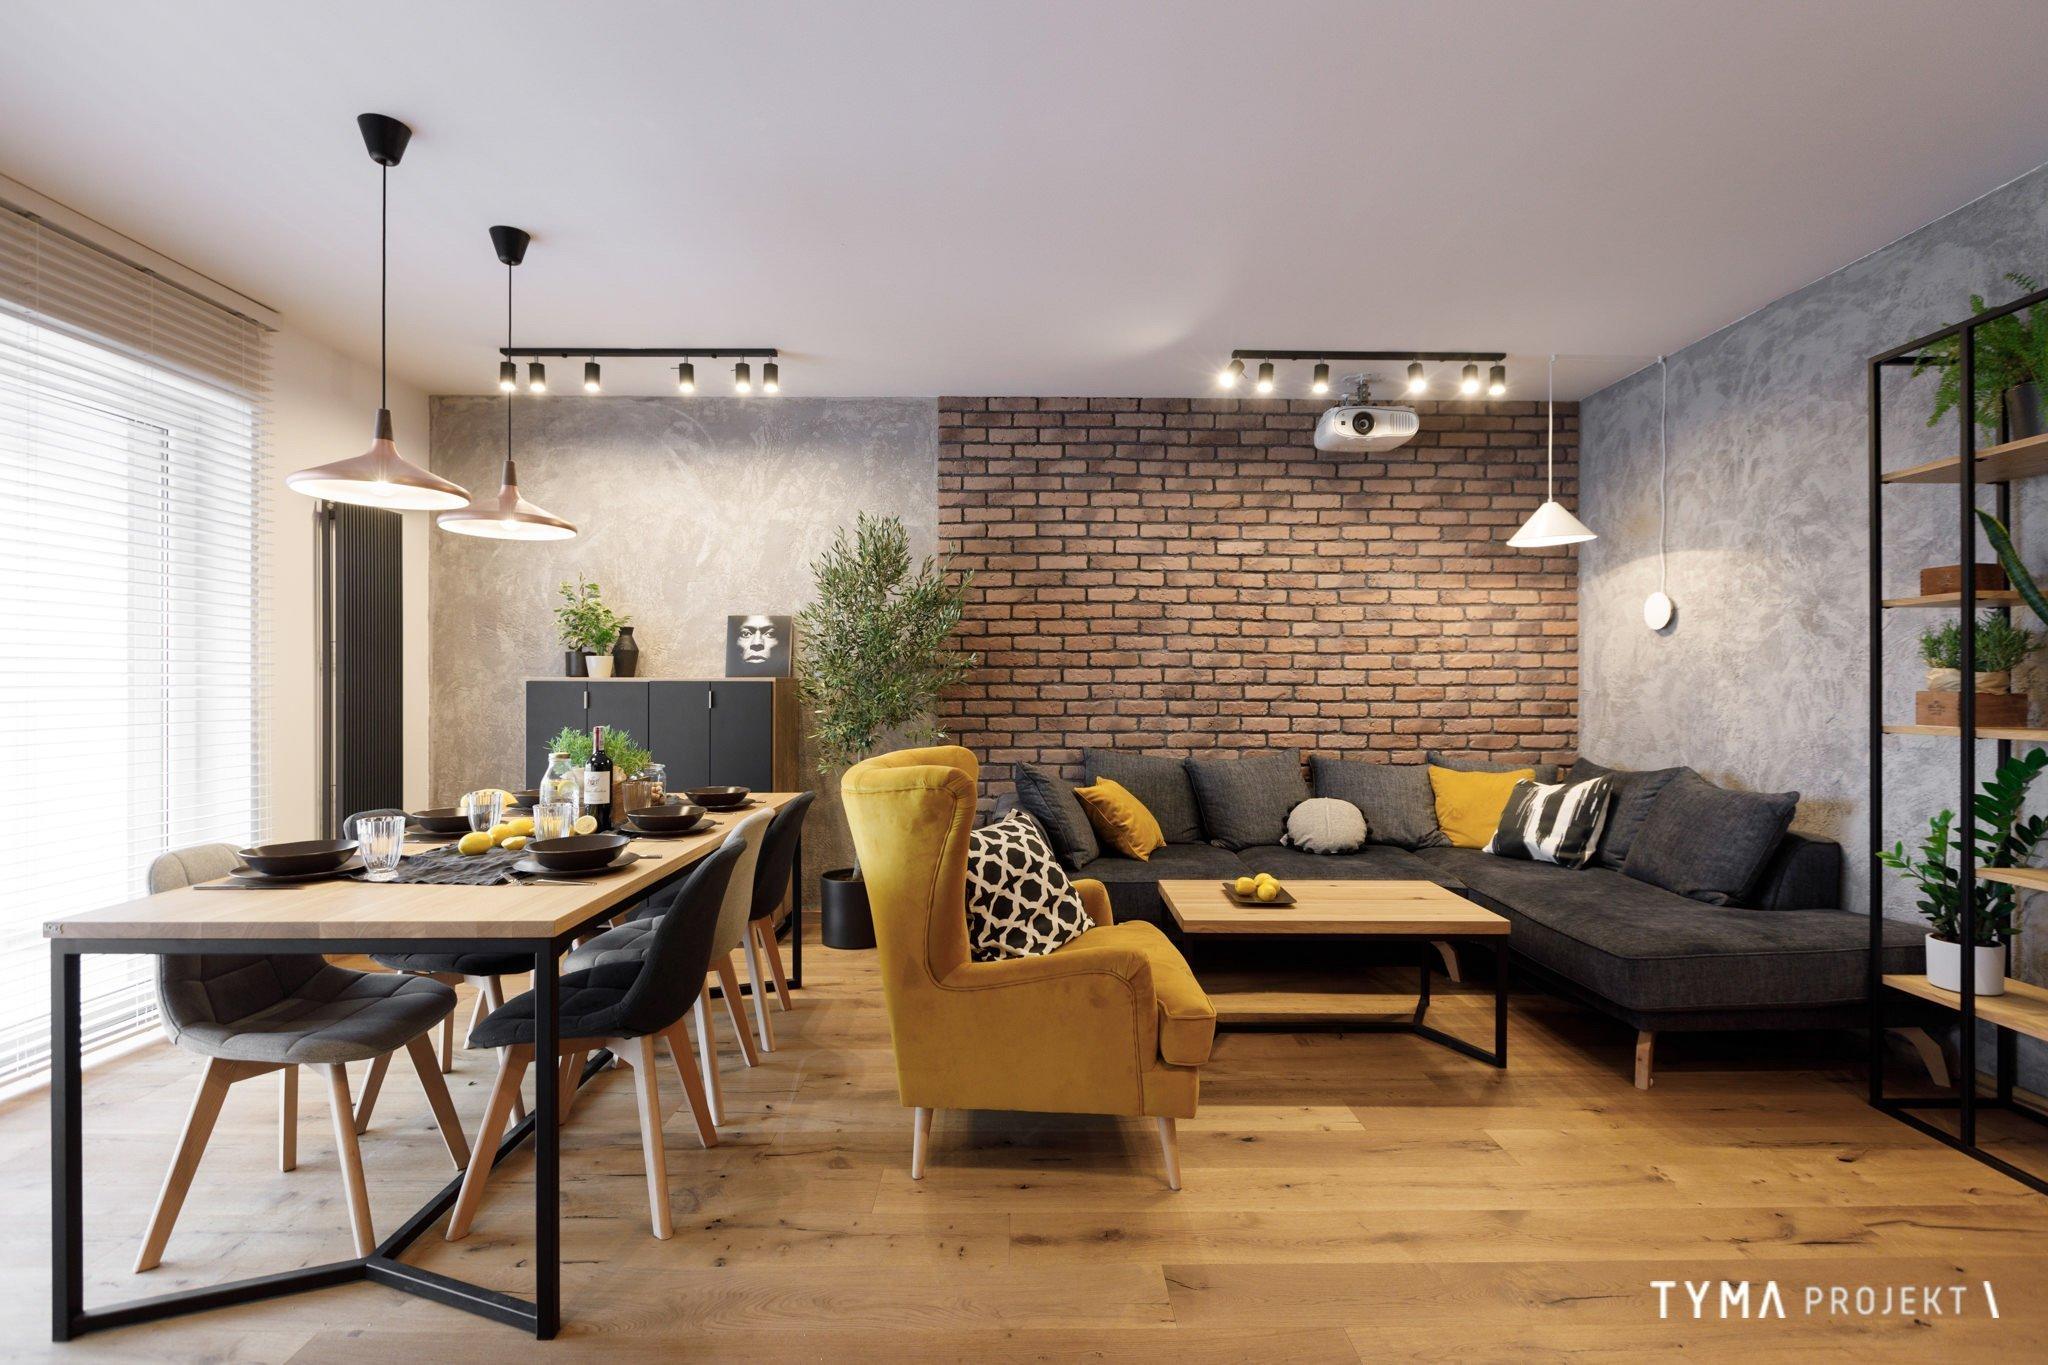 Prostor prvního bytu mladého páru je plný textur a vzorů. Od drsné betonové zdi, jemnost sametu na  nábytku nebo nepravidelnost kuchyňských dvířek. Byt se silnými barevnými akcenty medové, šedé a měděné.